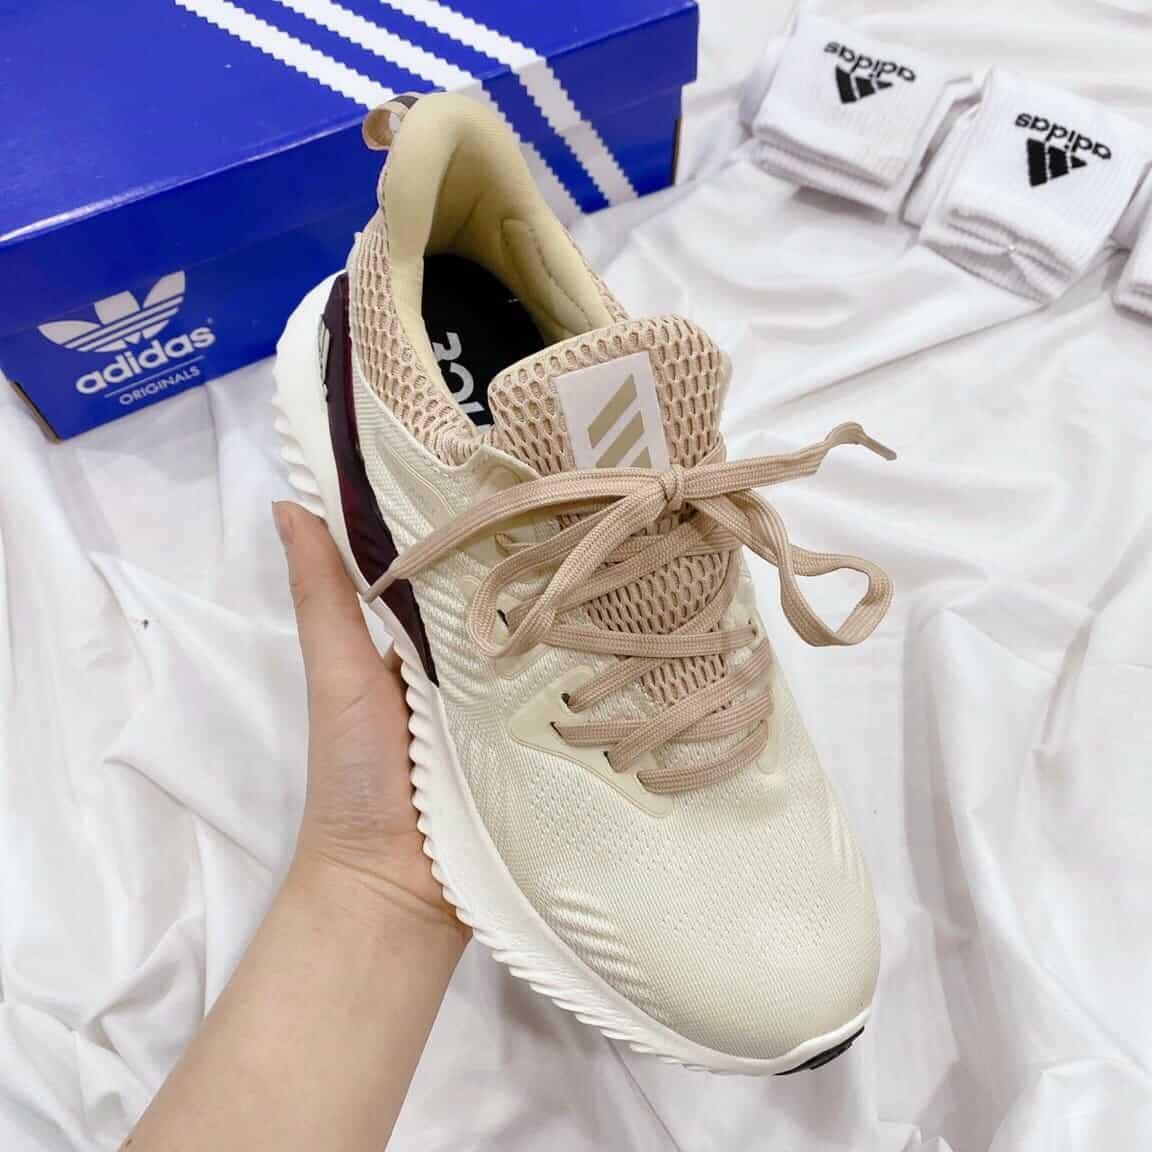 Đặc điểm của dòng giày Adidas nữ